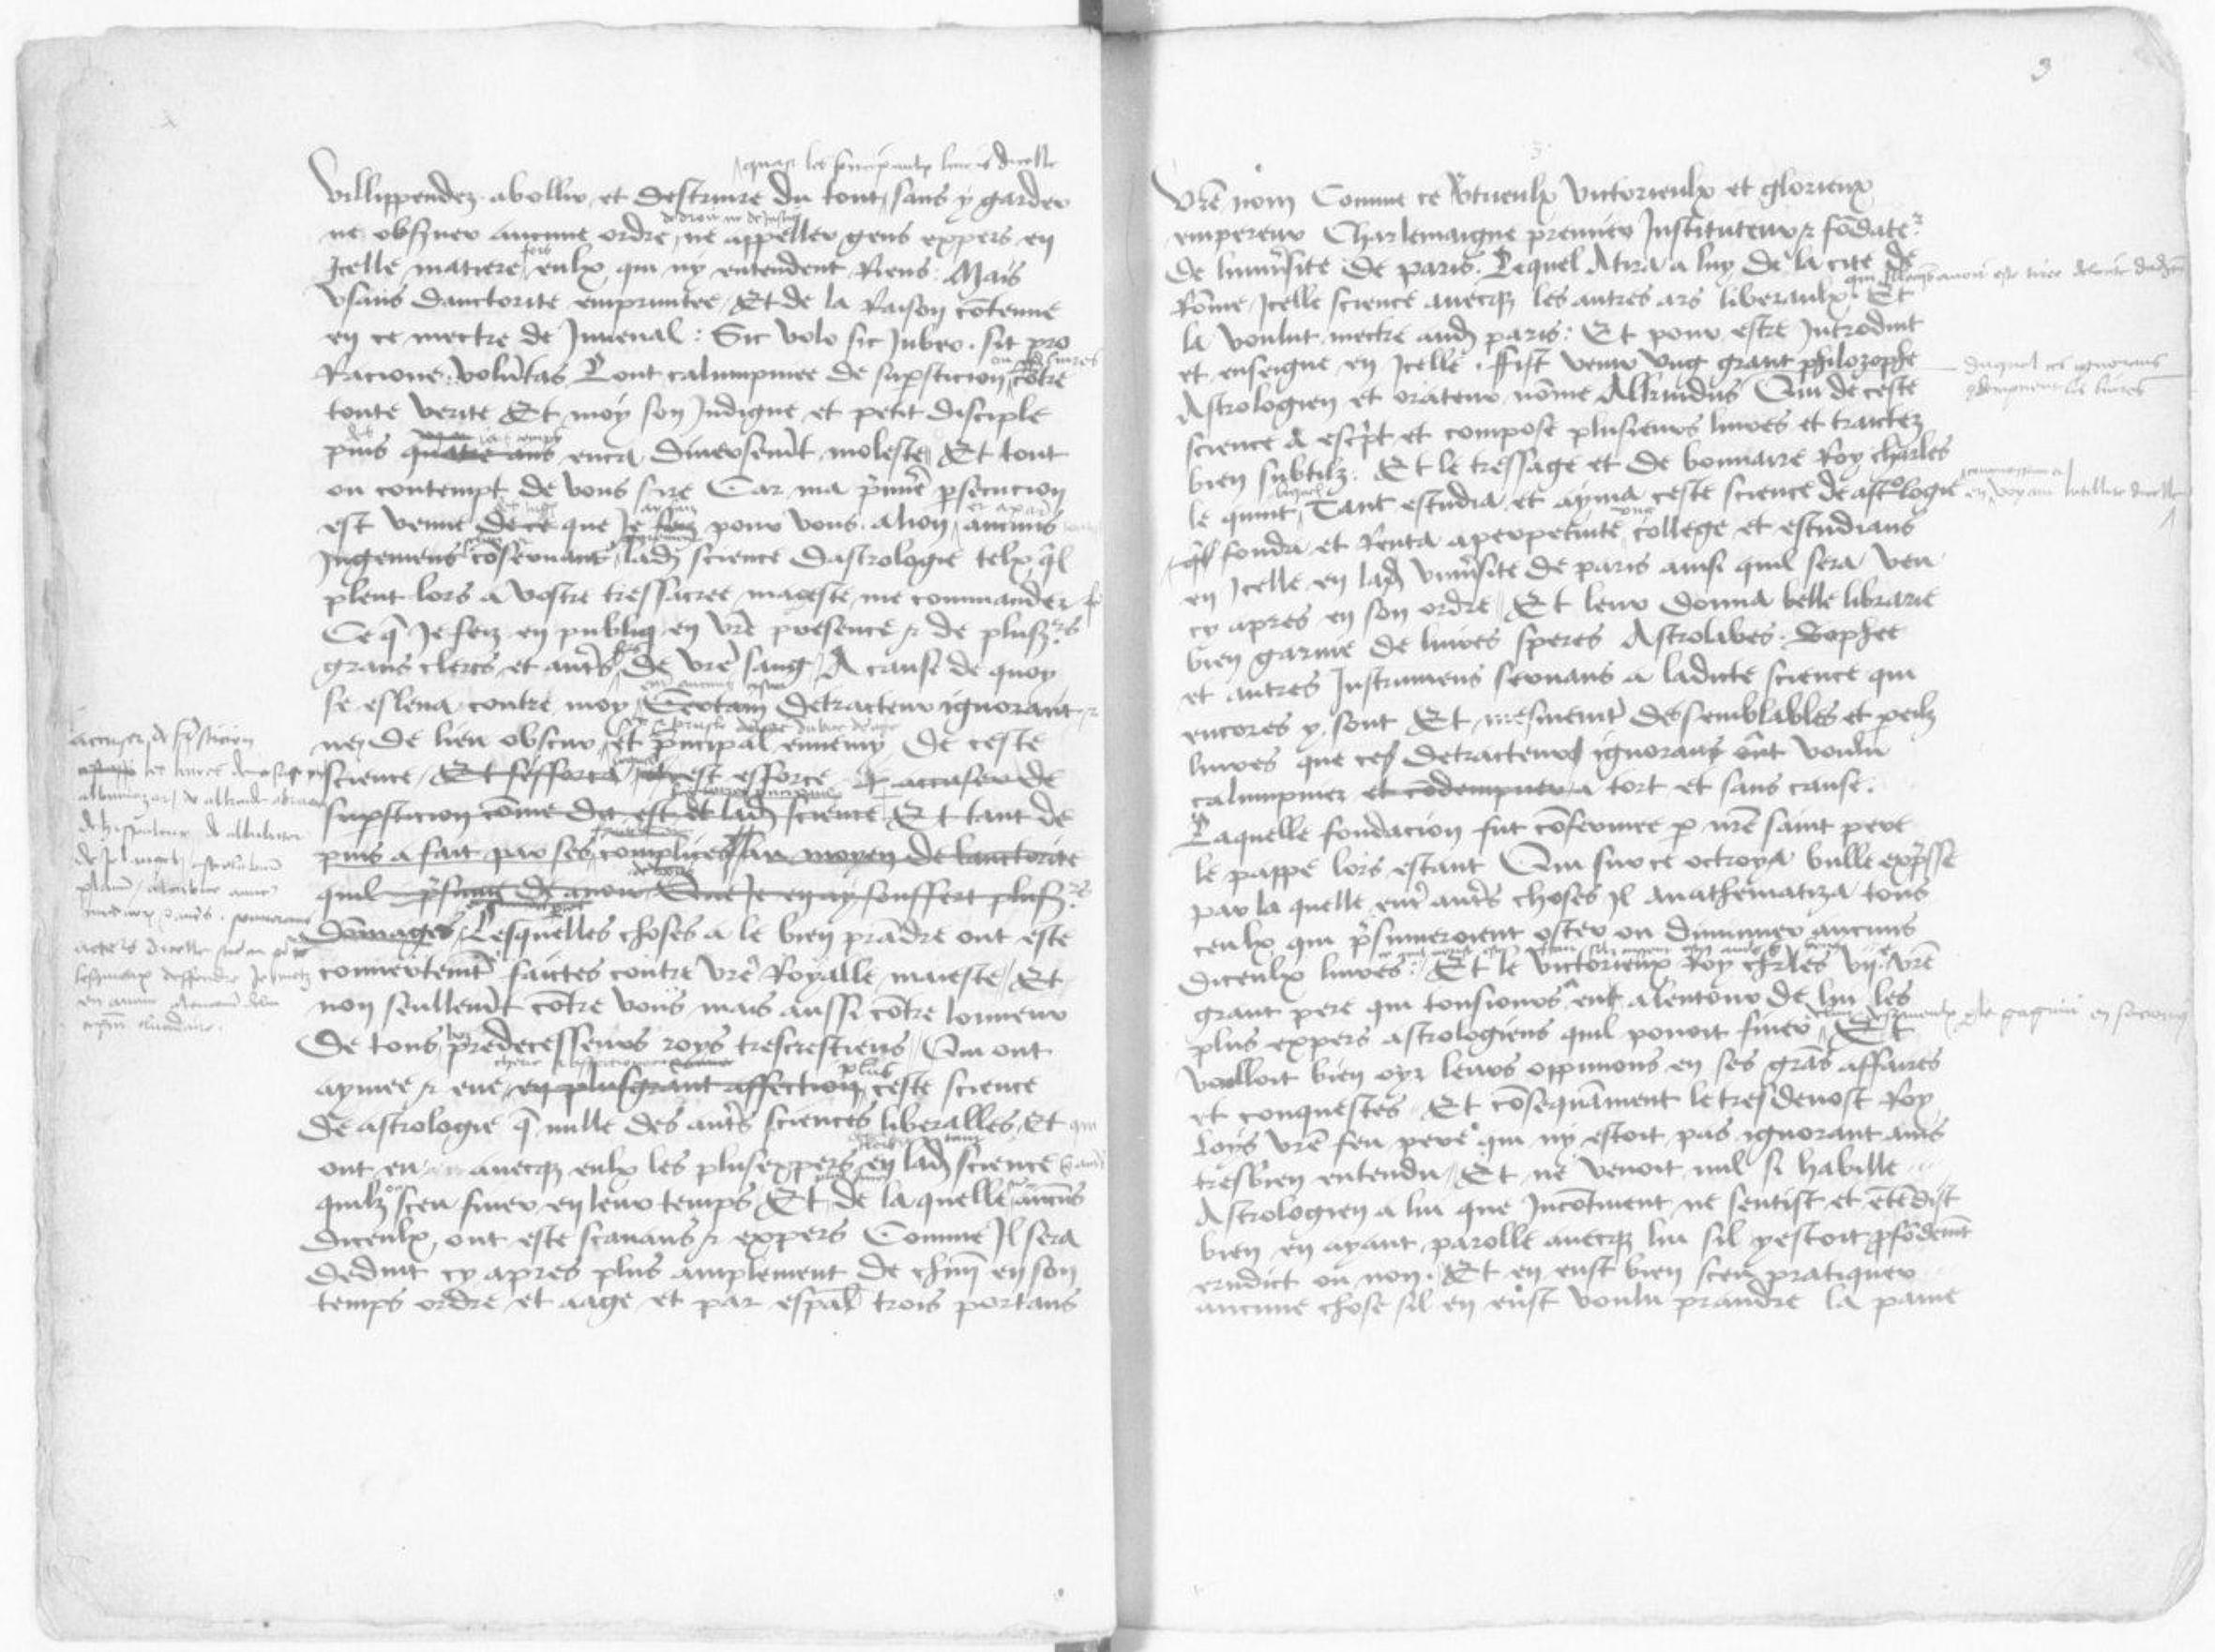 Recueil des plus célèbres astrologues et quelques hommes doctes, fait par Symon de Phares, du temps de Charles VIII